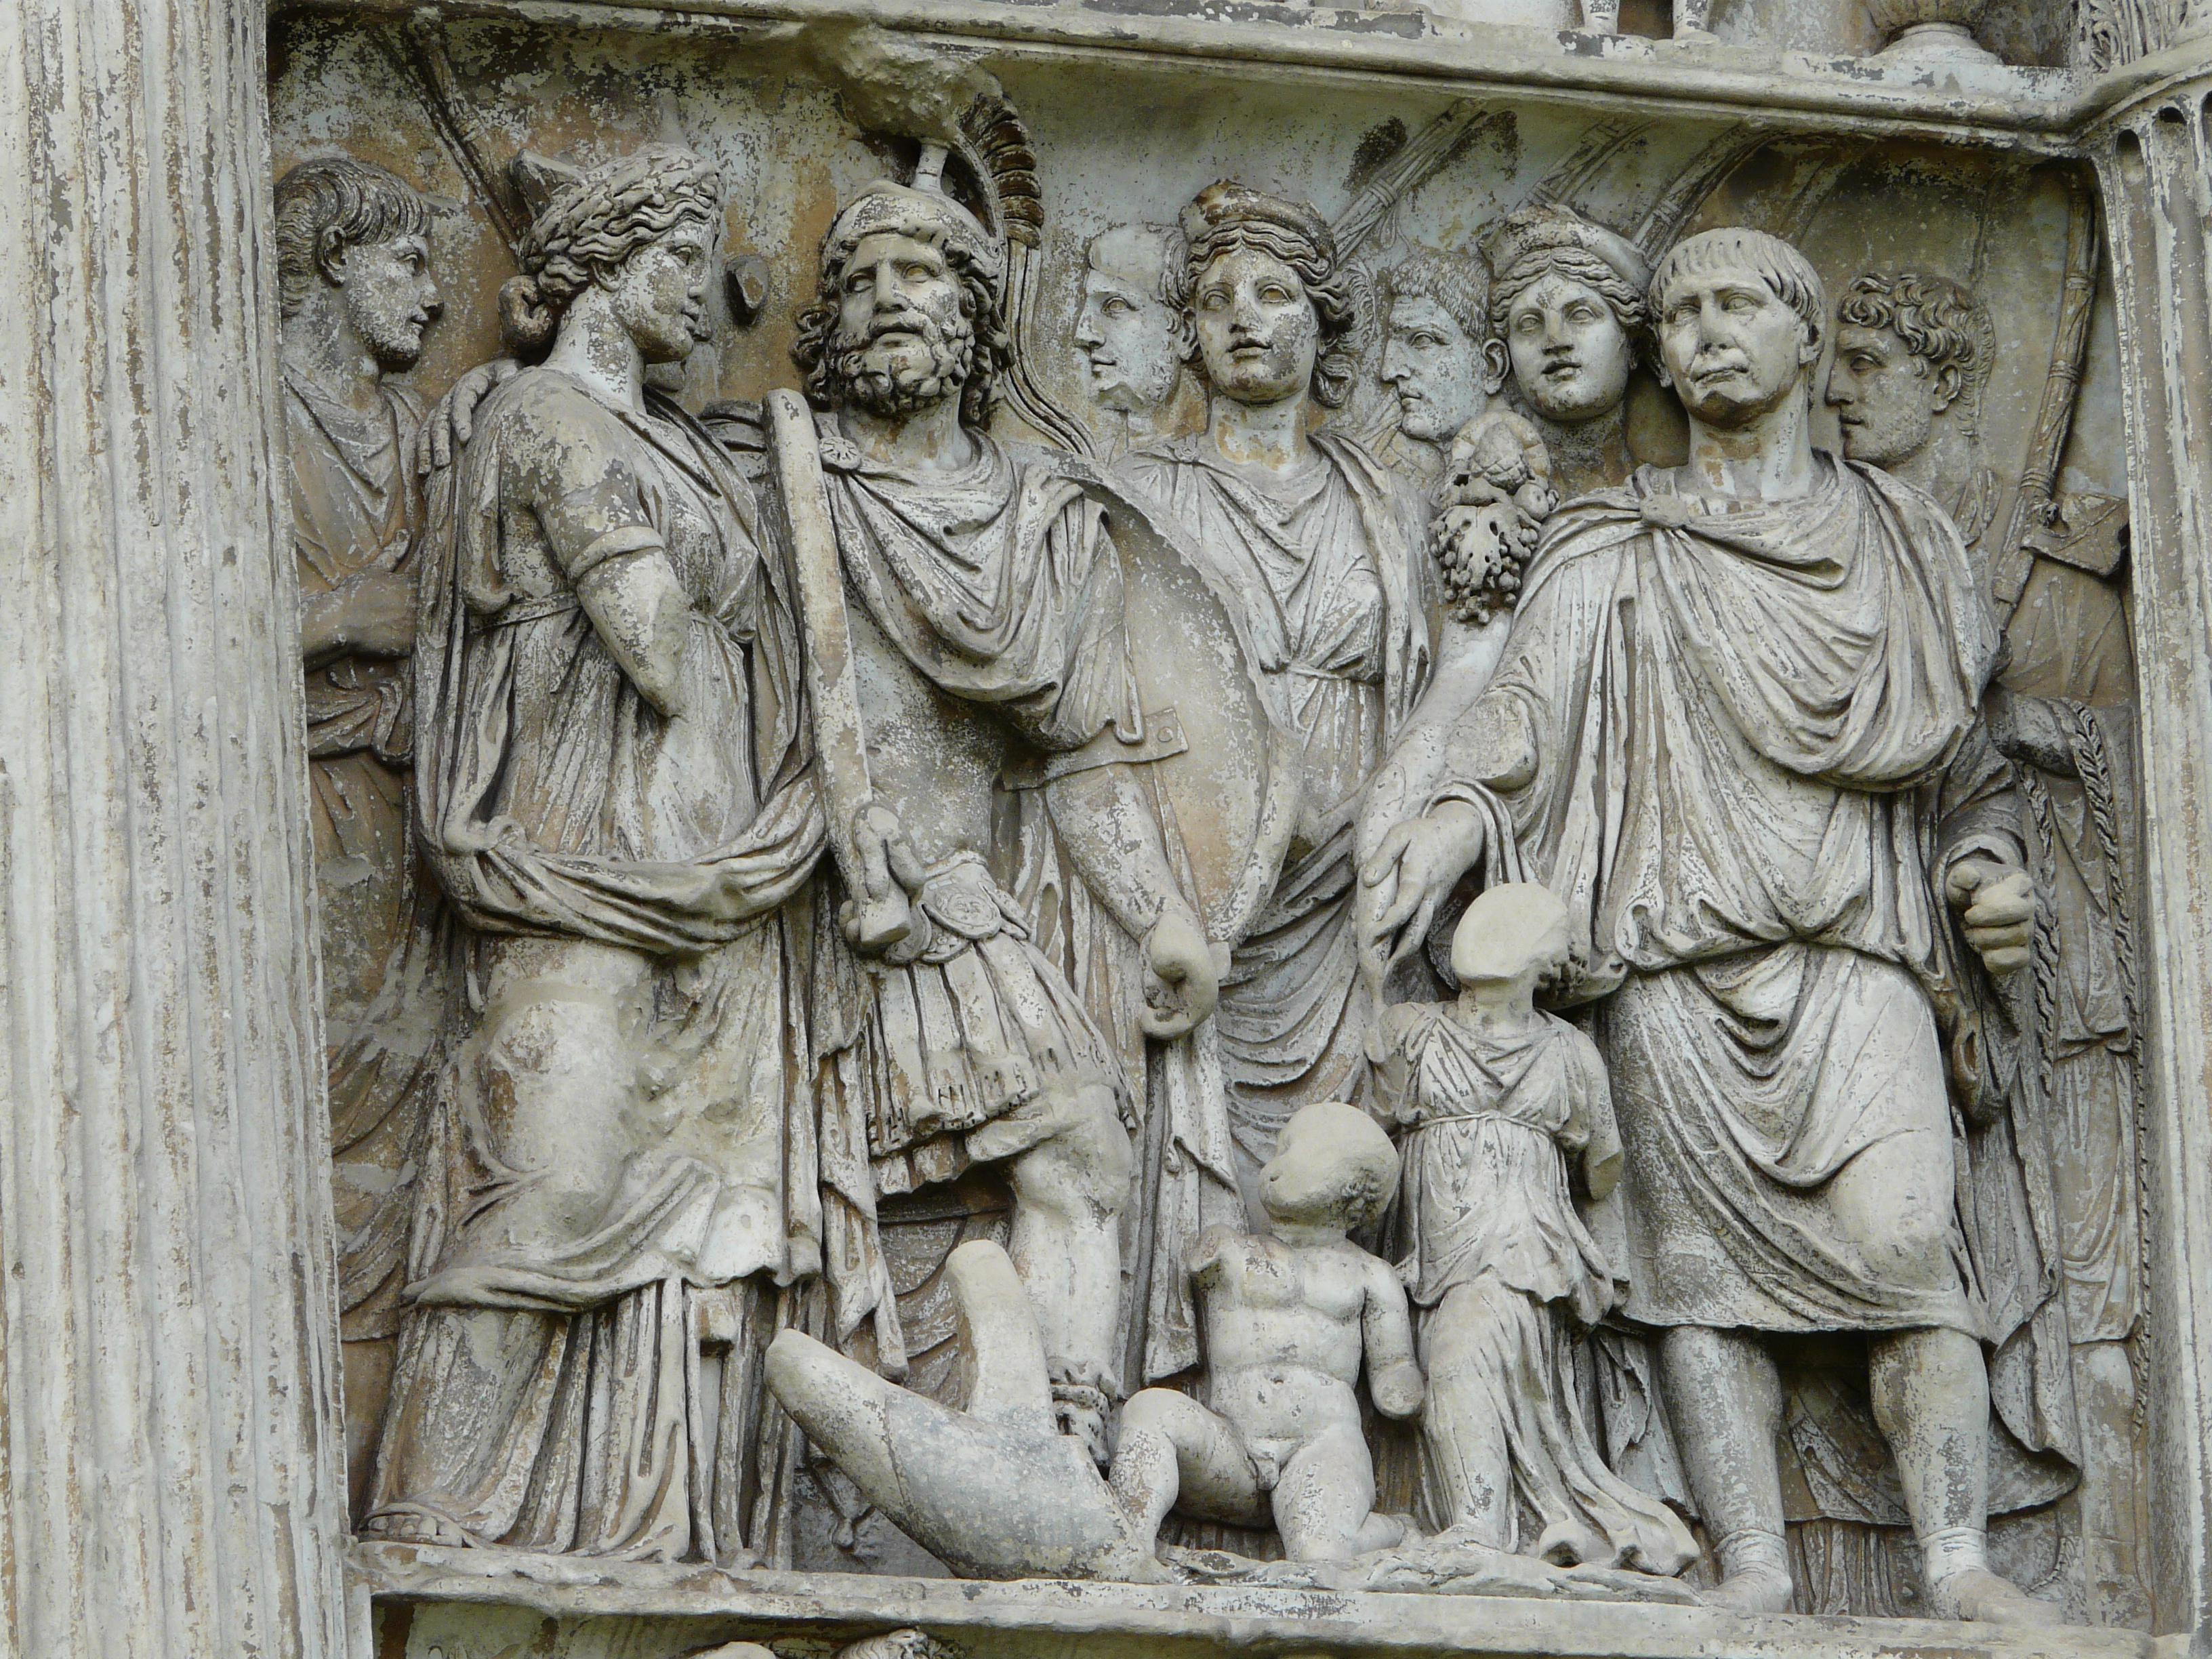 File:Benevento arco di Traiano.JPG - Wikimedia Commons